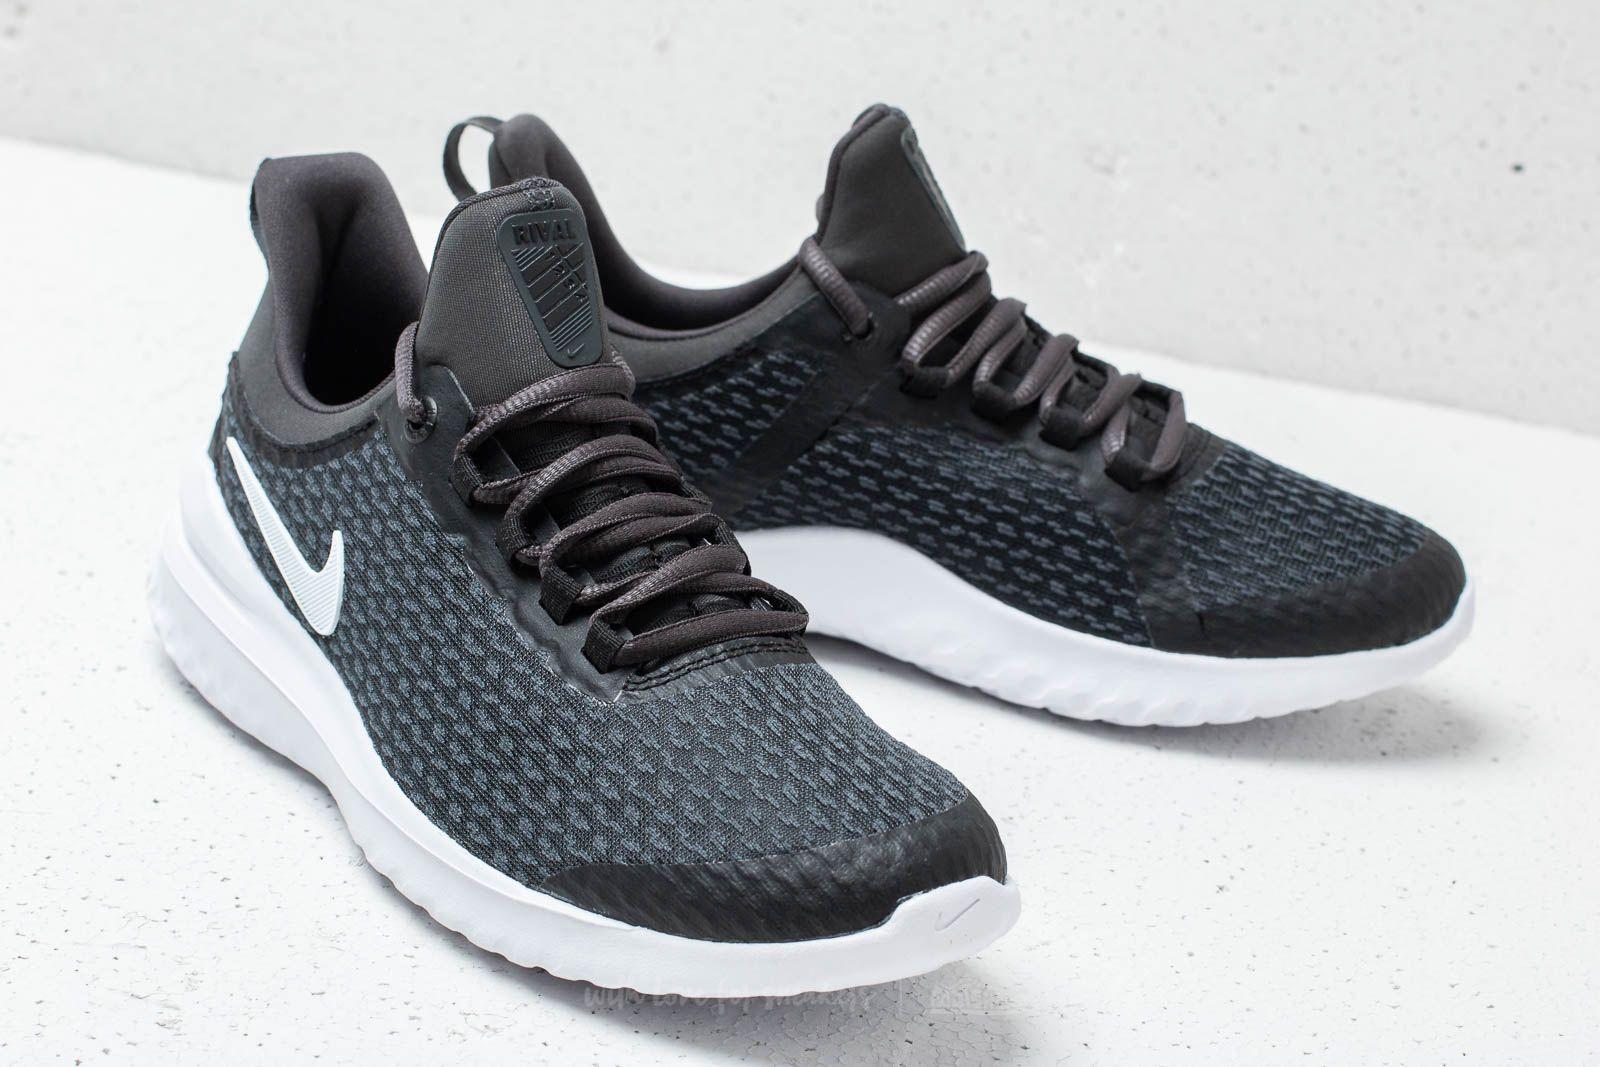 e390a7149e44 Nike Renew Rival (GS) Black  White-Anthracite at a great price £